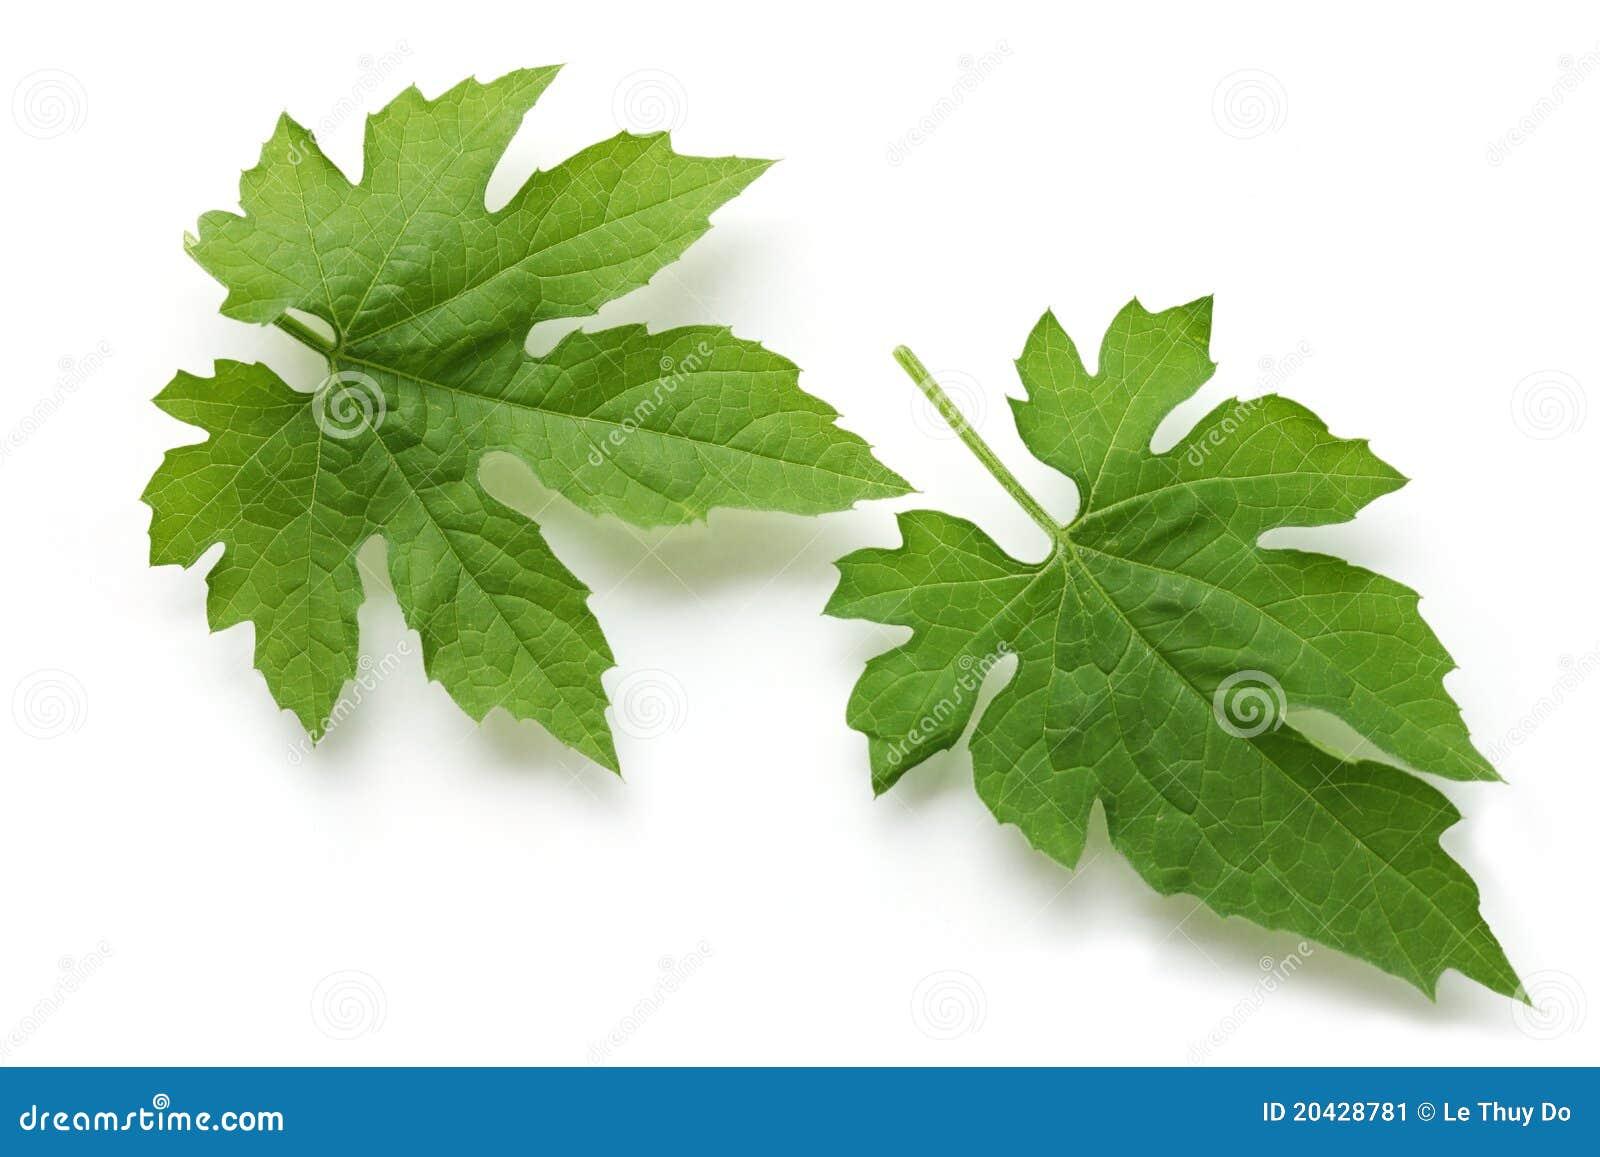 Bitter Melon Leaf Stock Image - Image: 20428781